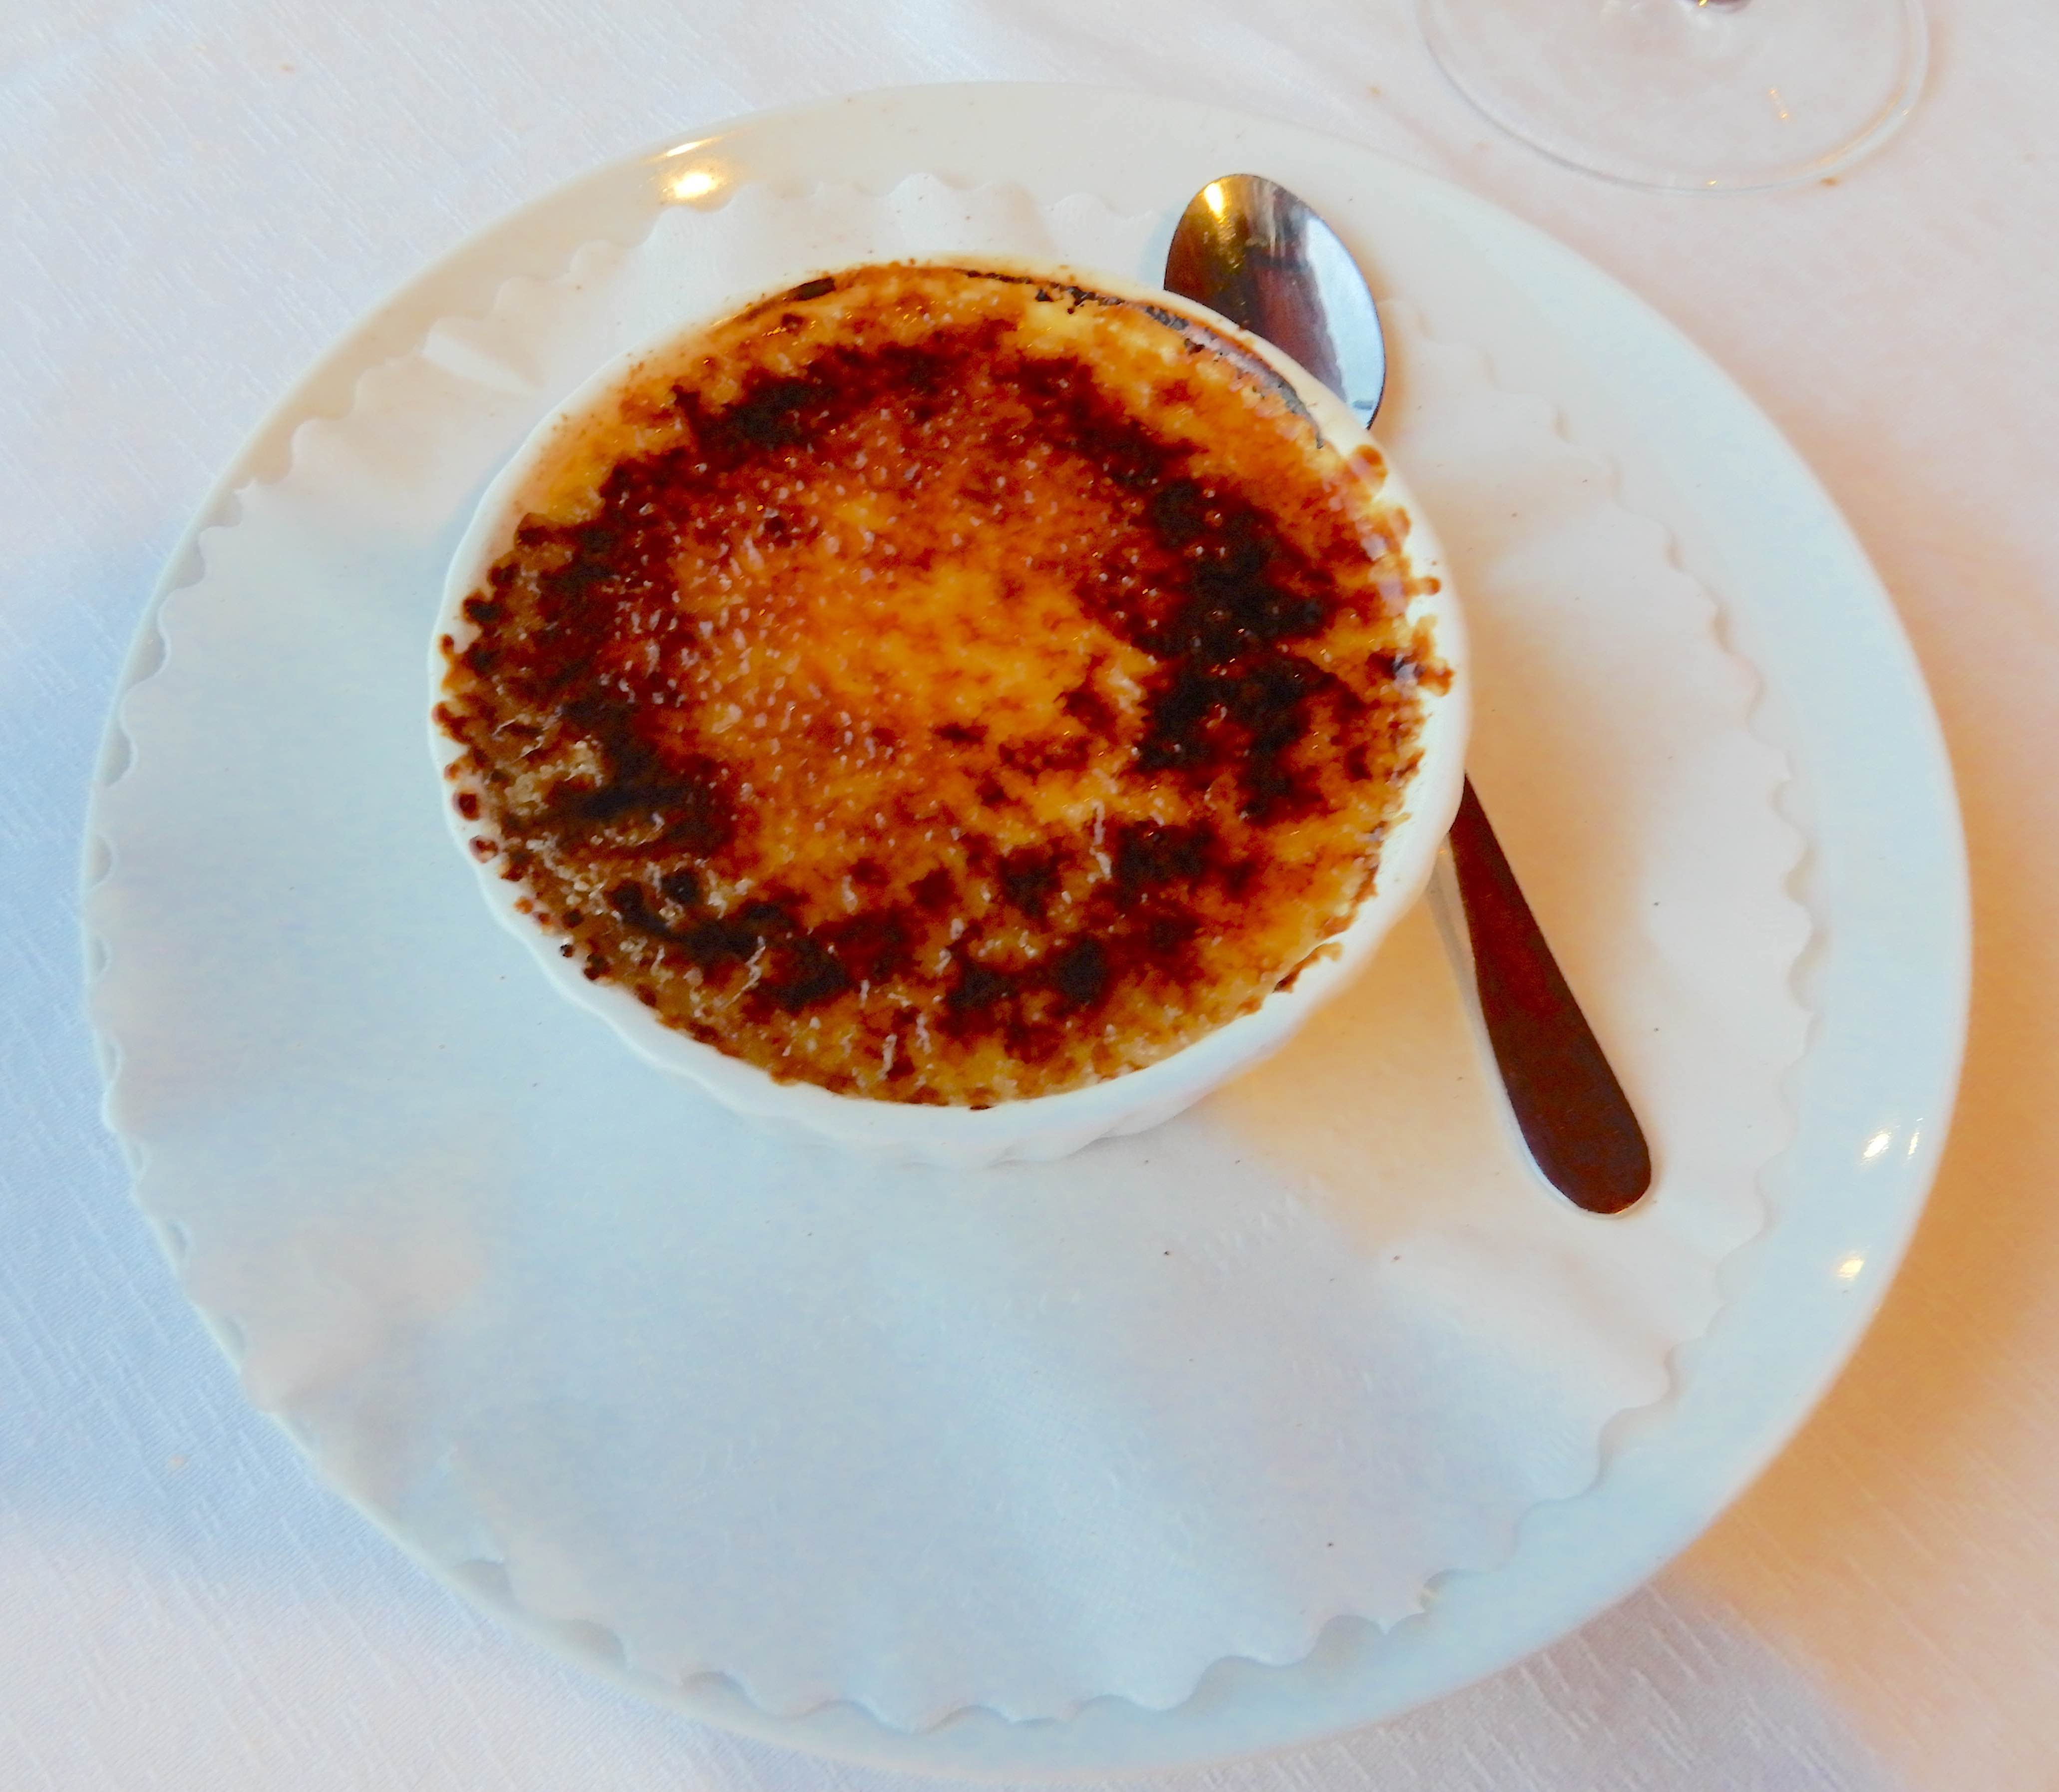 35.crème brûlée